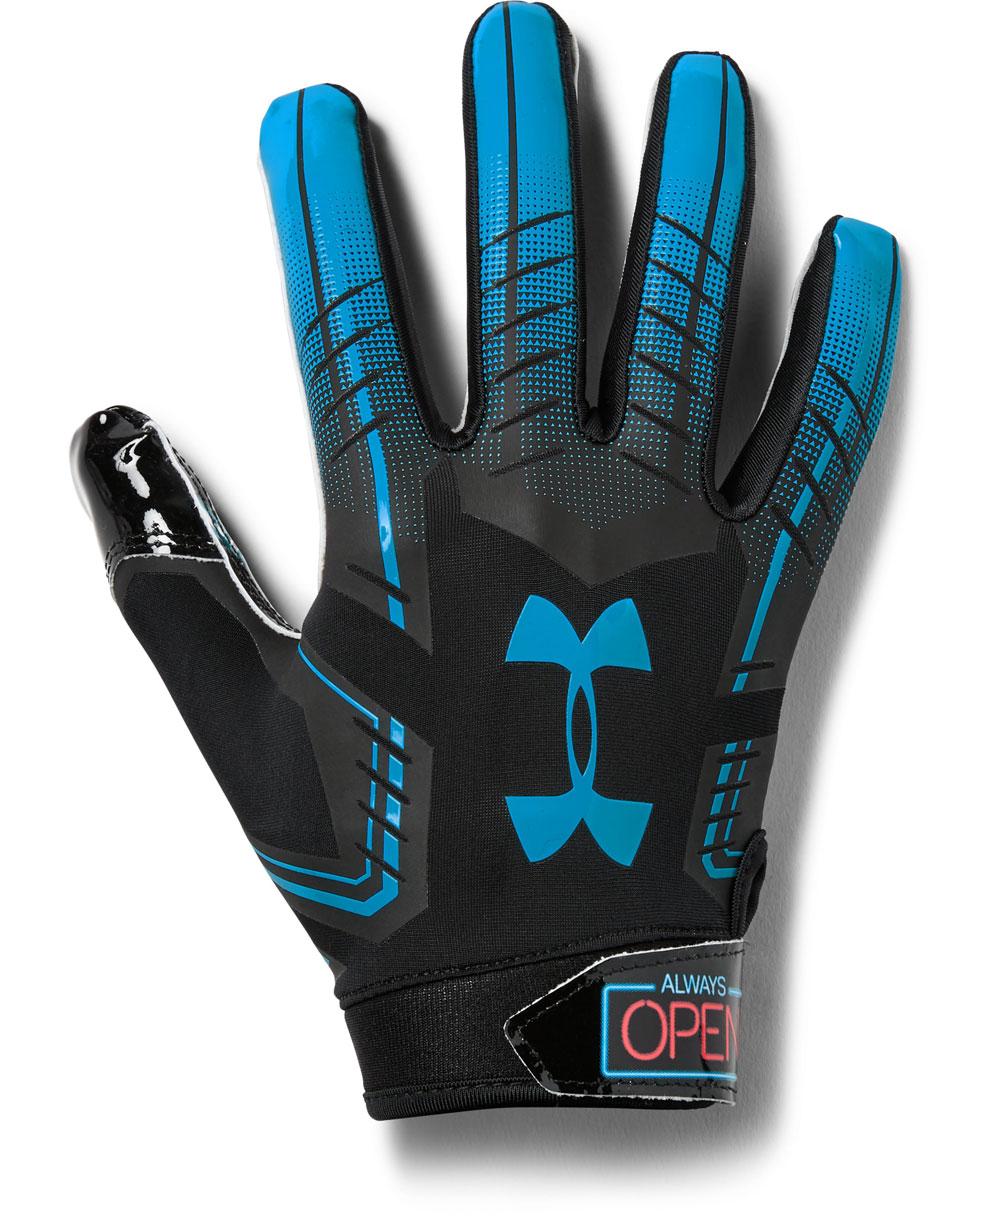 F6 Novelty Men's Football Gloves Black 002